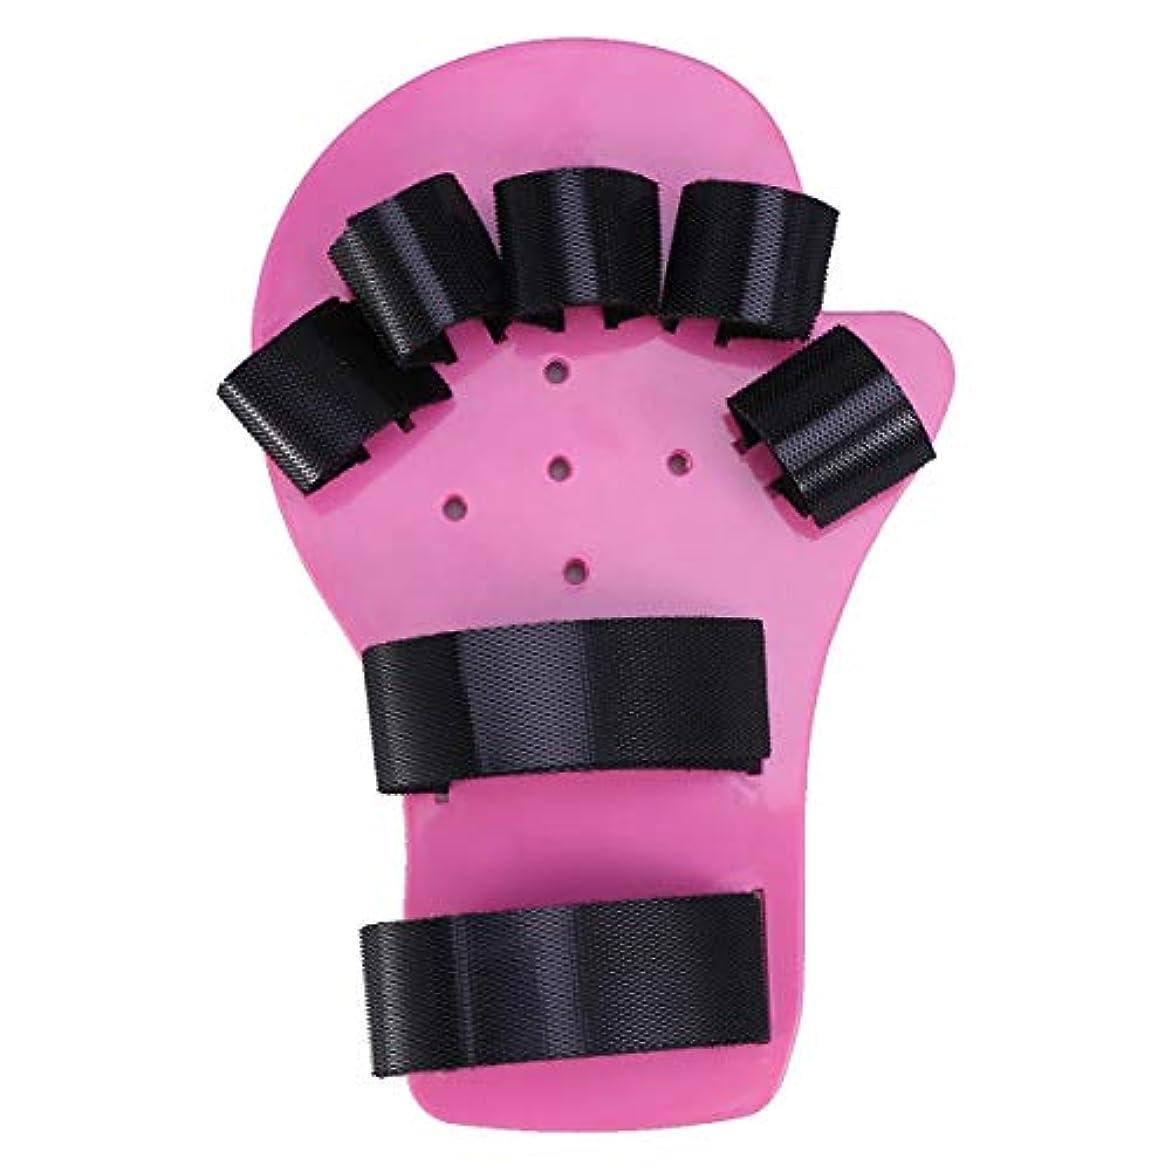 ヘビー談話整然としたHealifty 指矯正指板ストロークハンドスプリントトレーニングサポート手首トレーニング装具子供用子供子供1-5歳(ロングスタイル、ピンク)